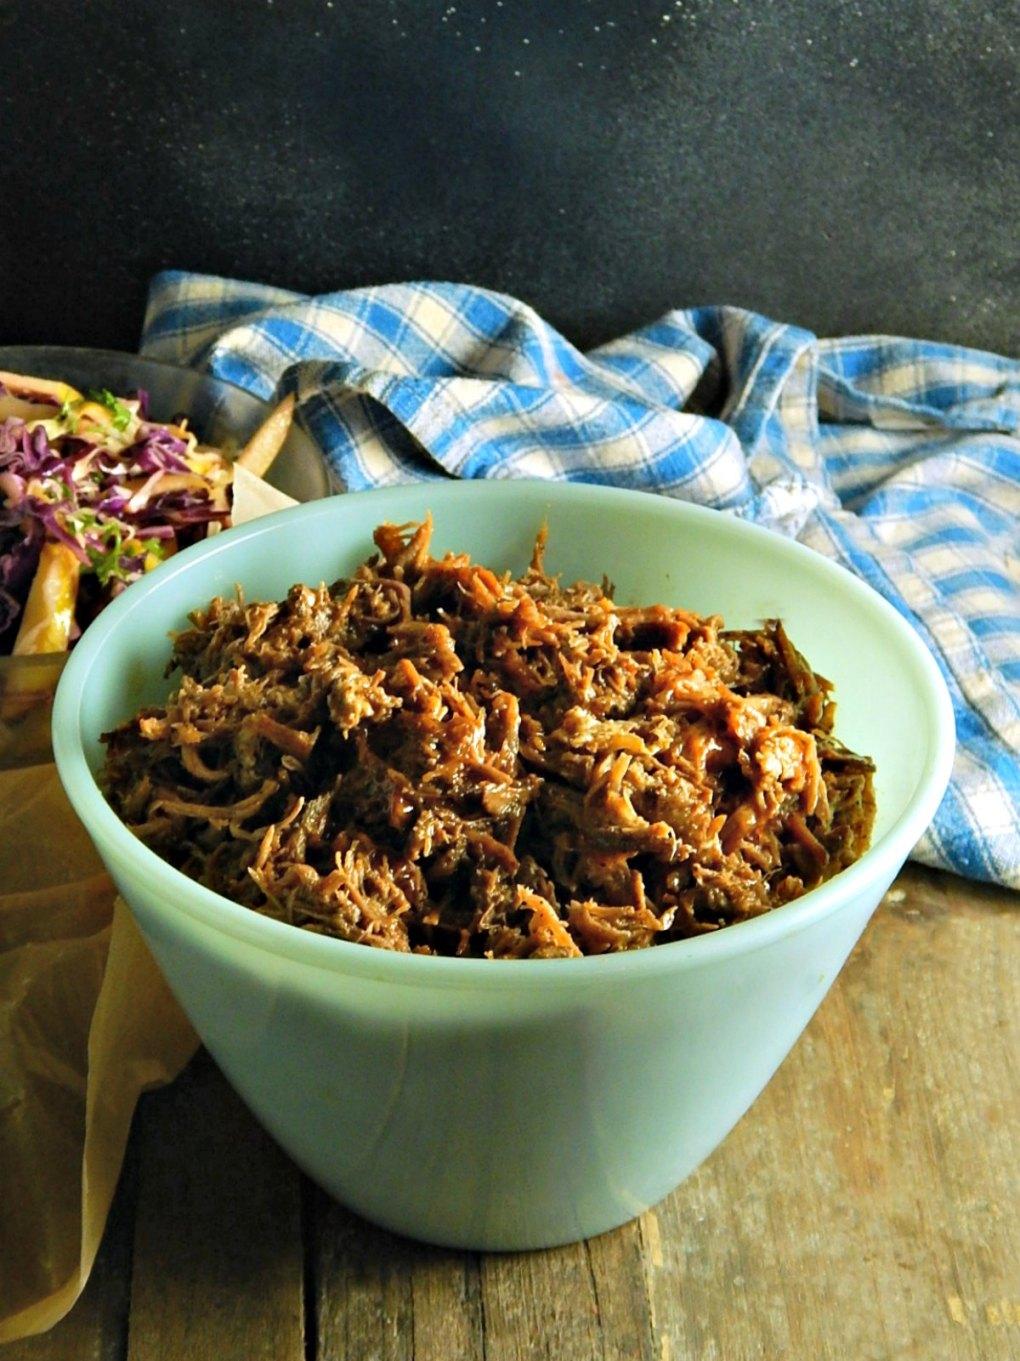 Crock Pot Slow Cooker Pulled Pork or Brisket